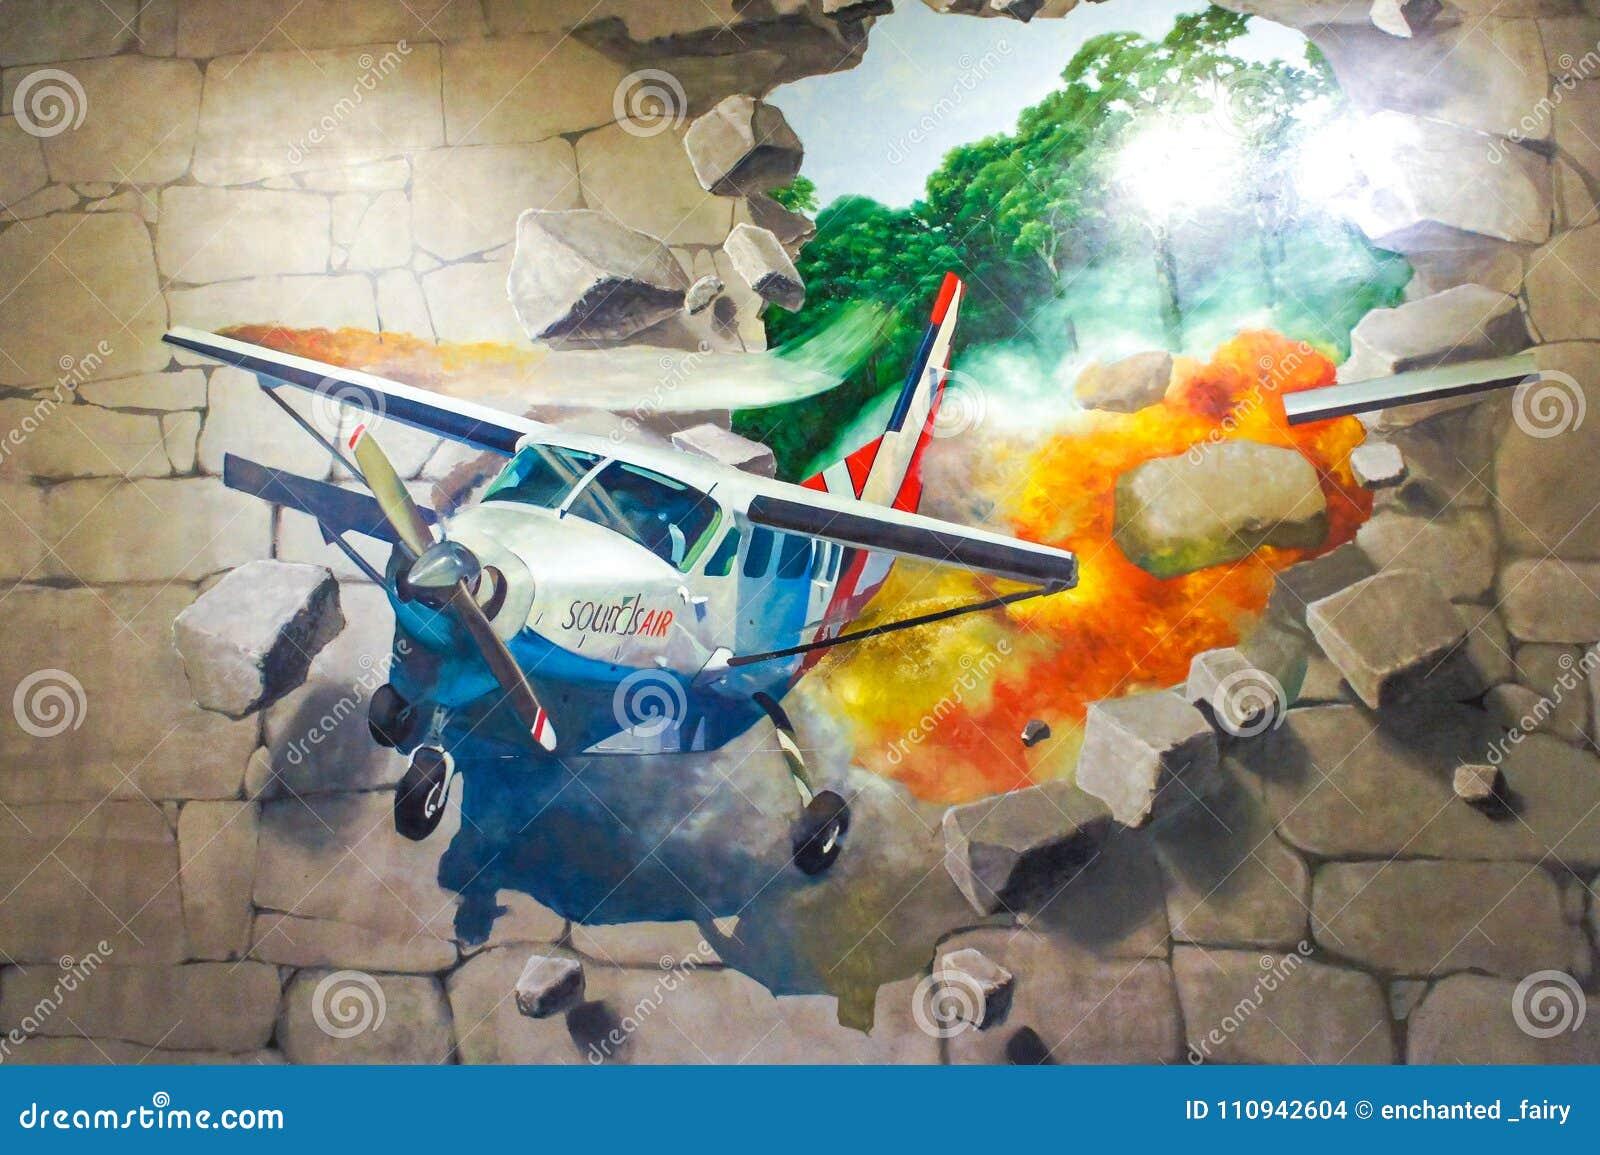 La photo de la peinture de mur 3D de l avion en baisse a conduit hors du mur de briques en pierre